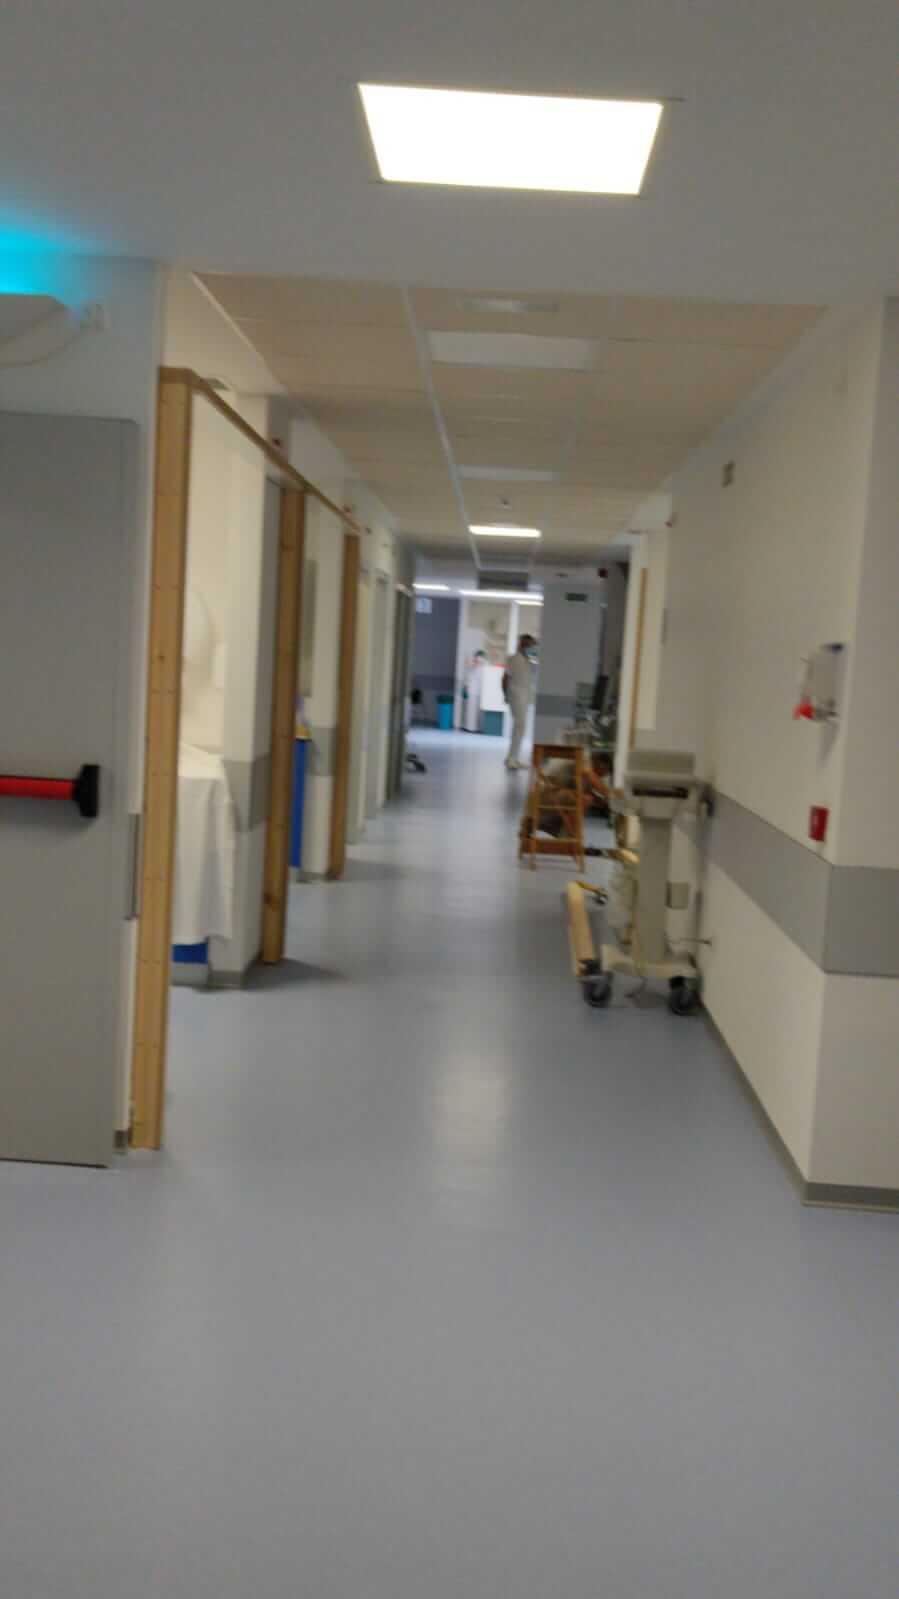 El Comité de Empresa de la Fundación Hospital de Calahorra vuelve a denunciar la falta de material, espacios y medios humanos en Urgencias